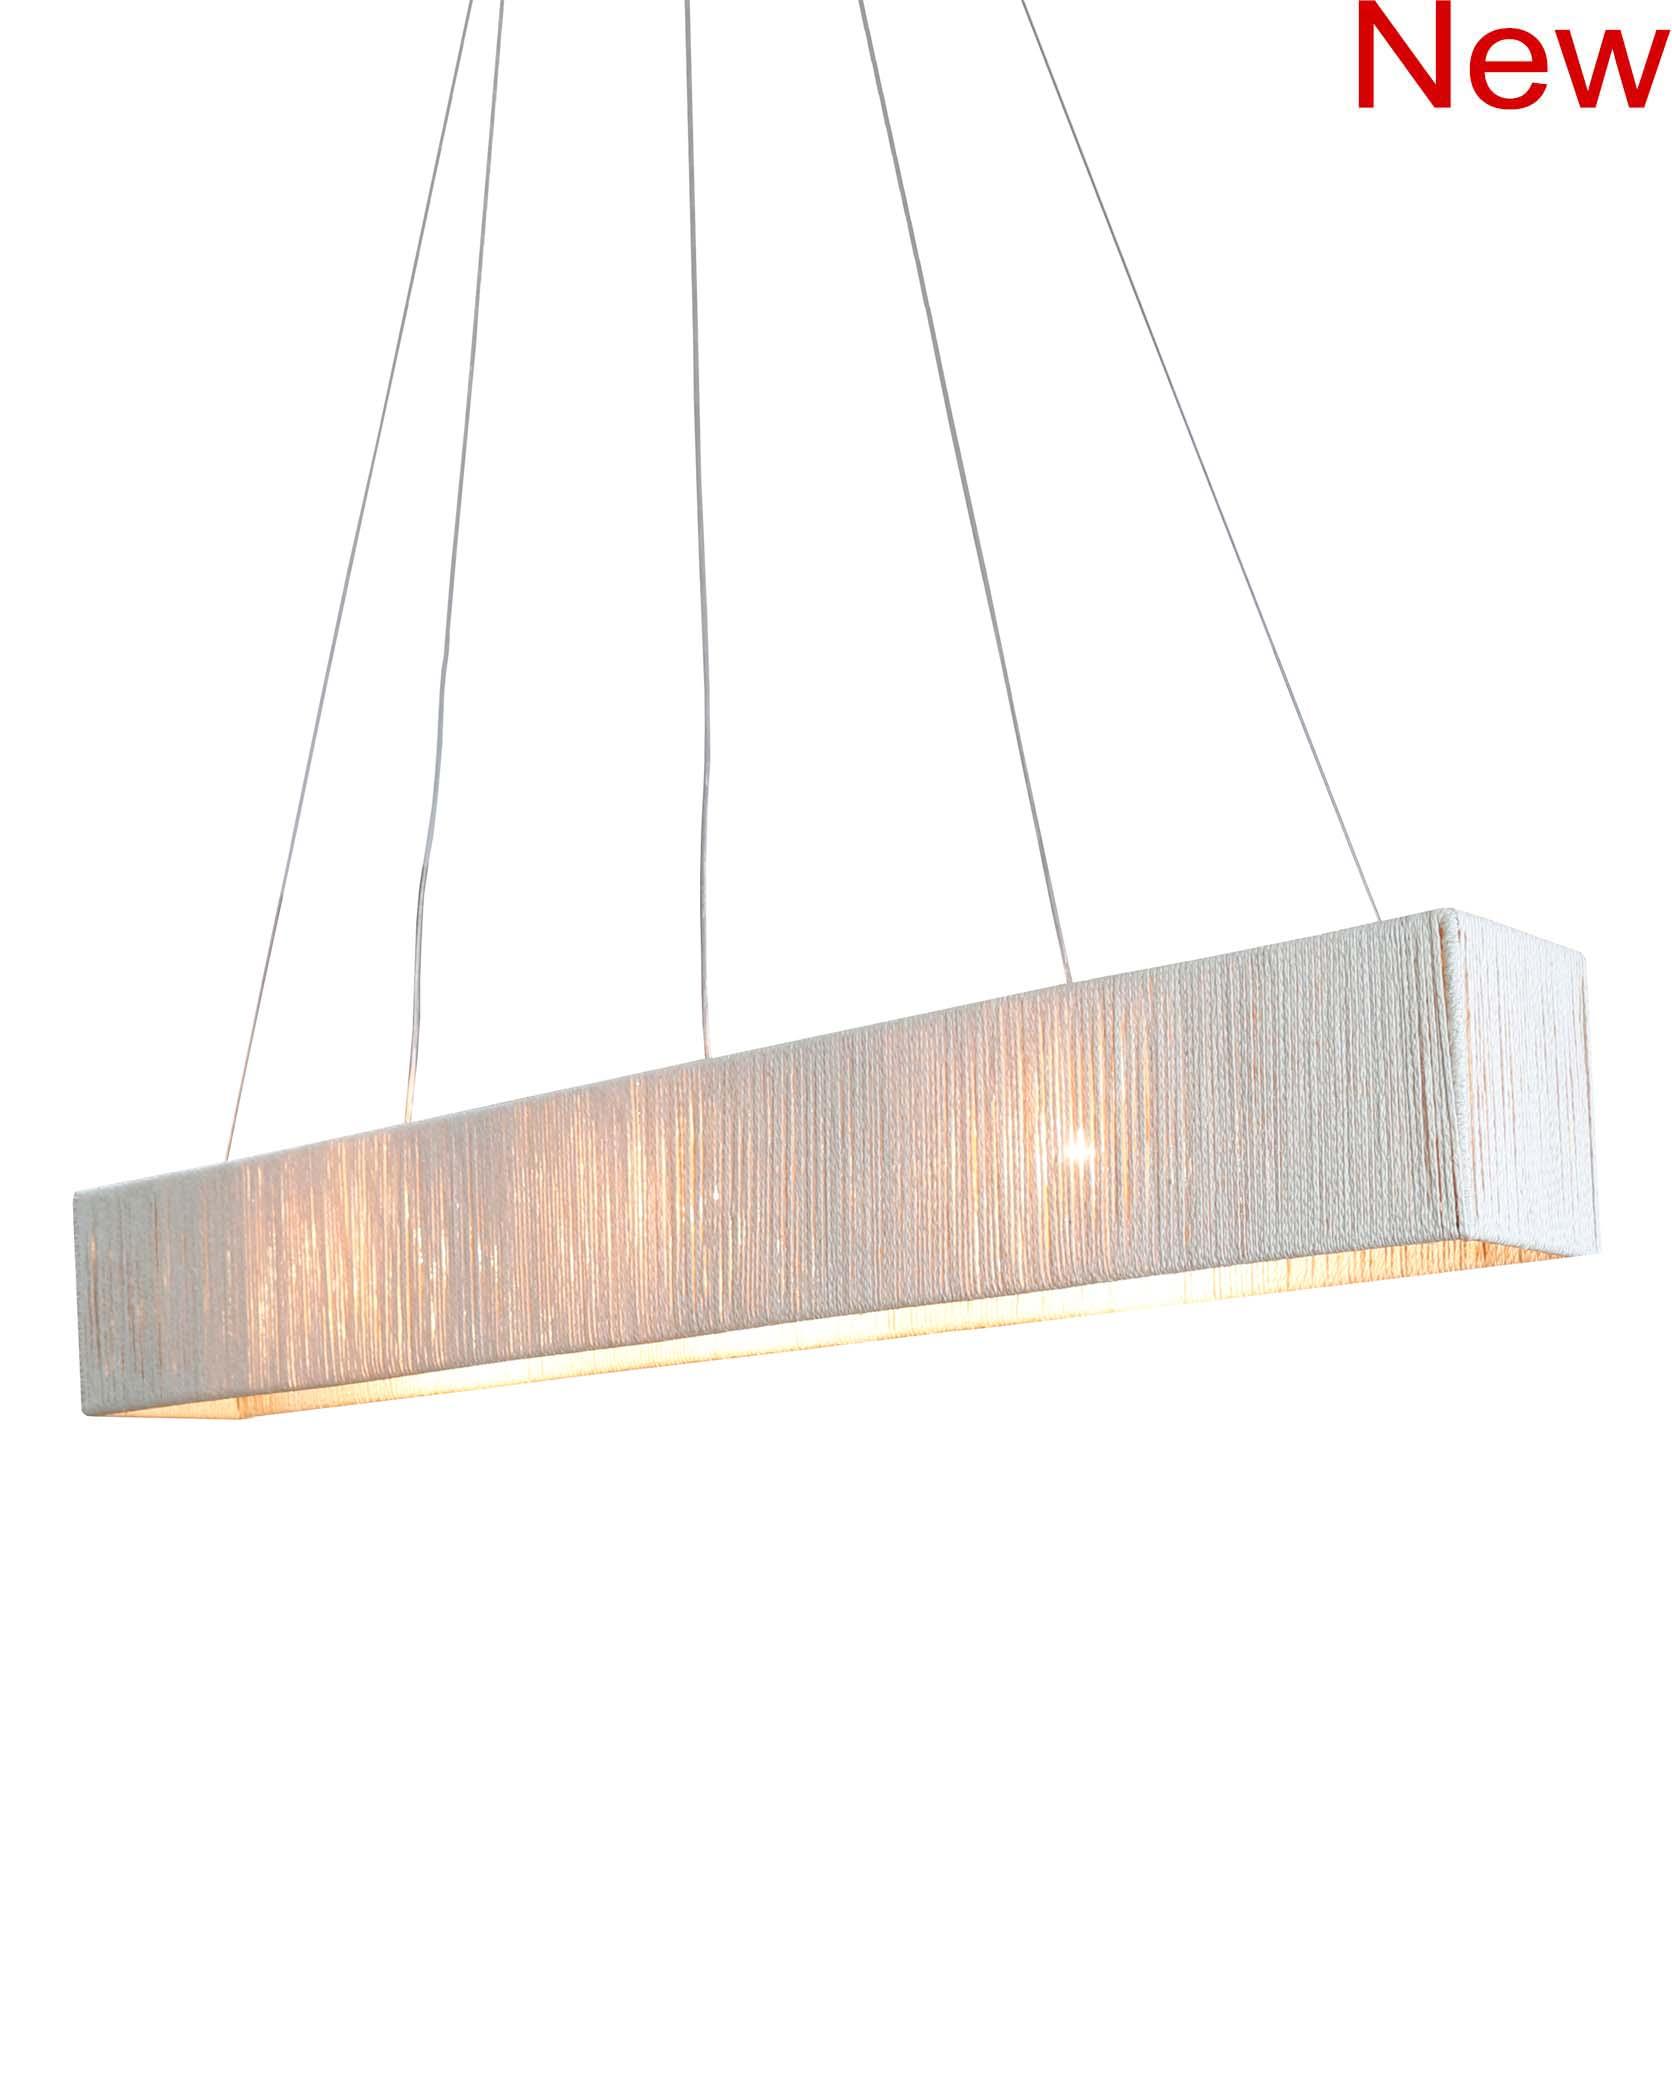 Rectangular sisalana chandelier product photo #2